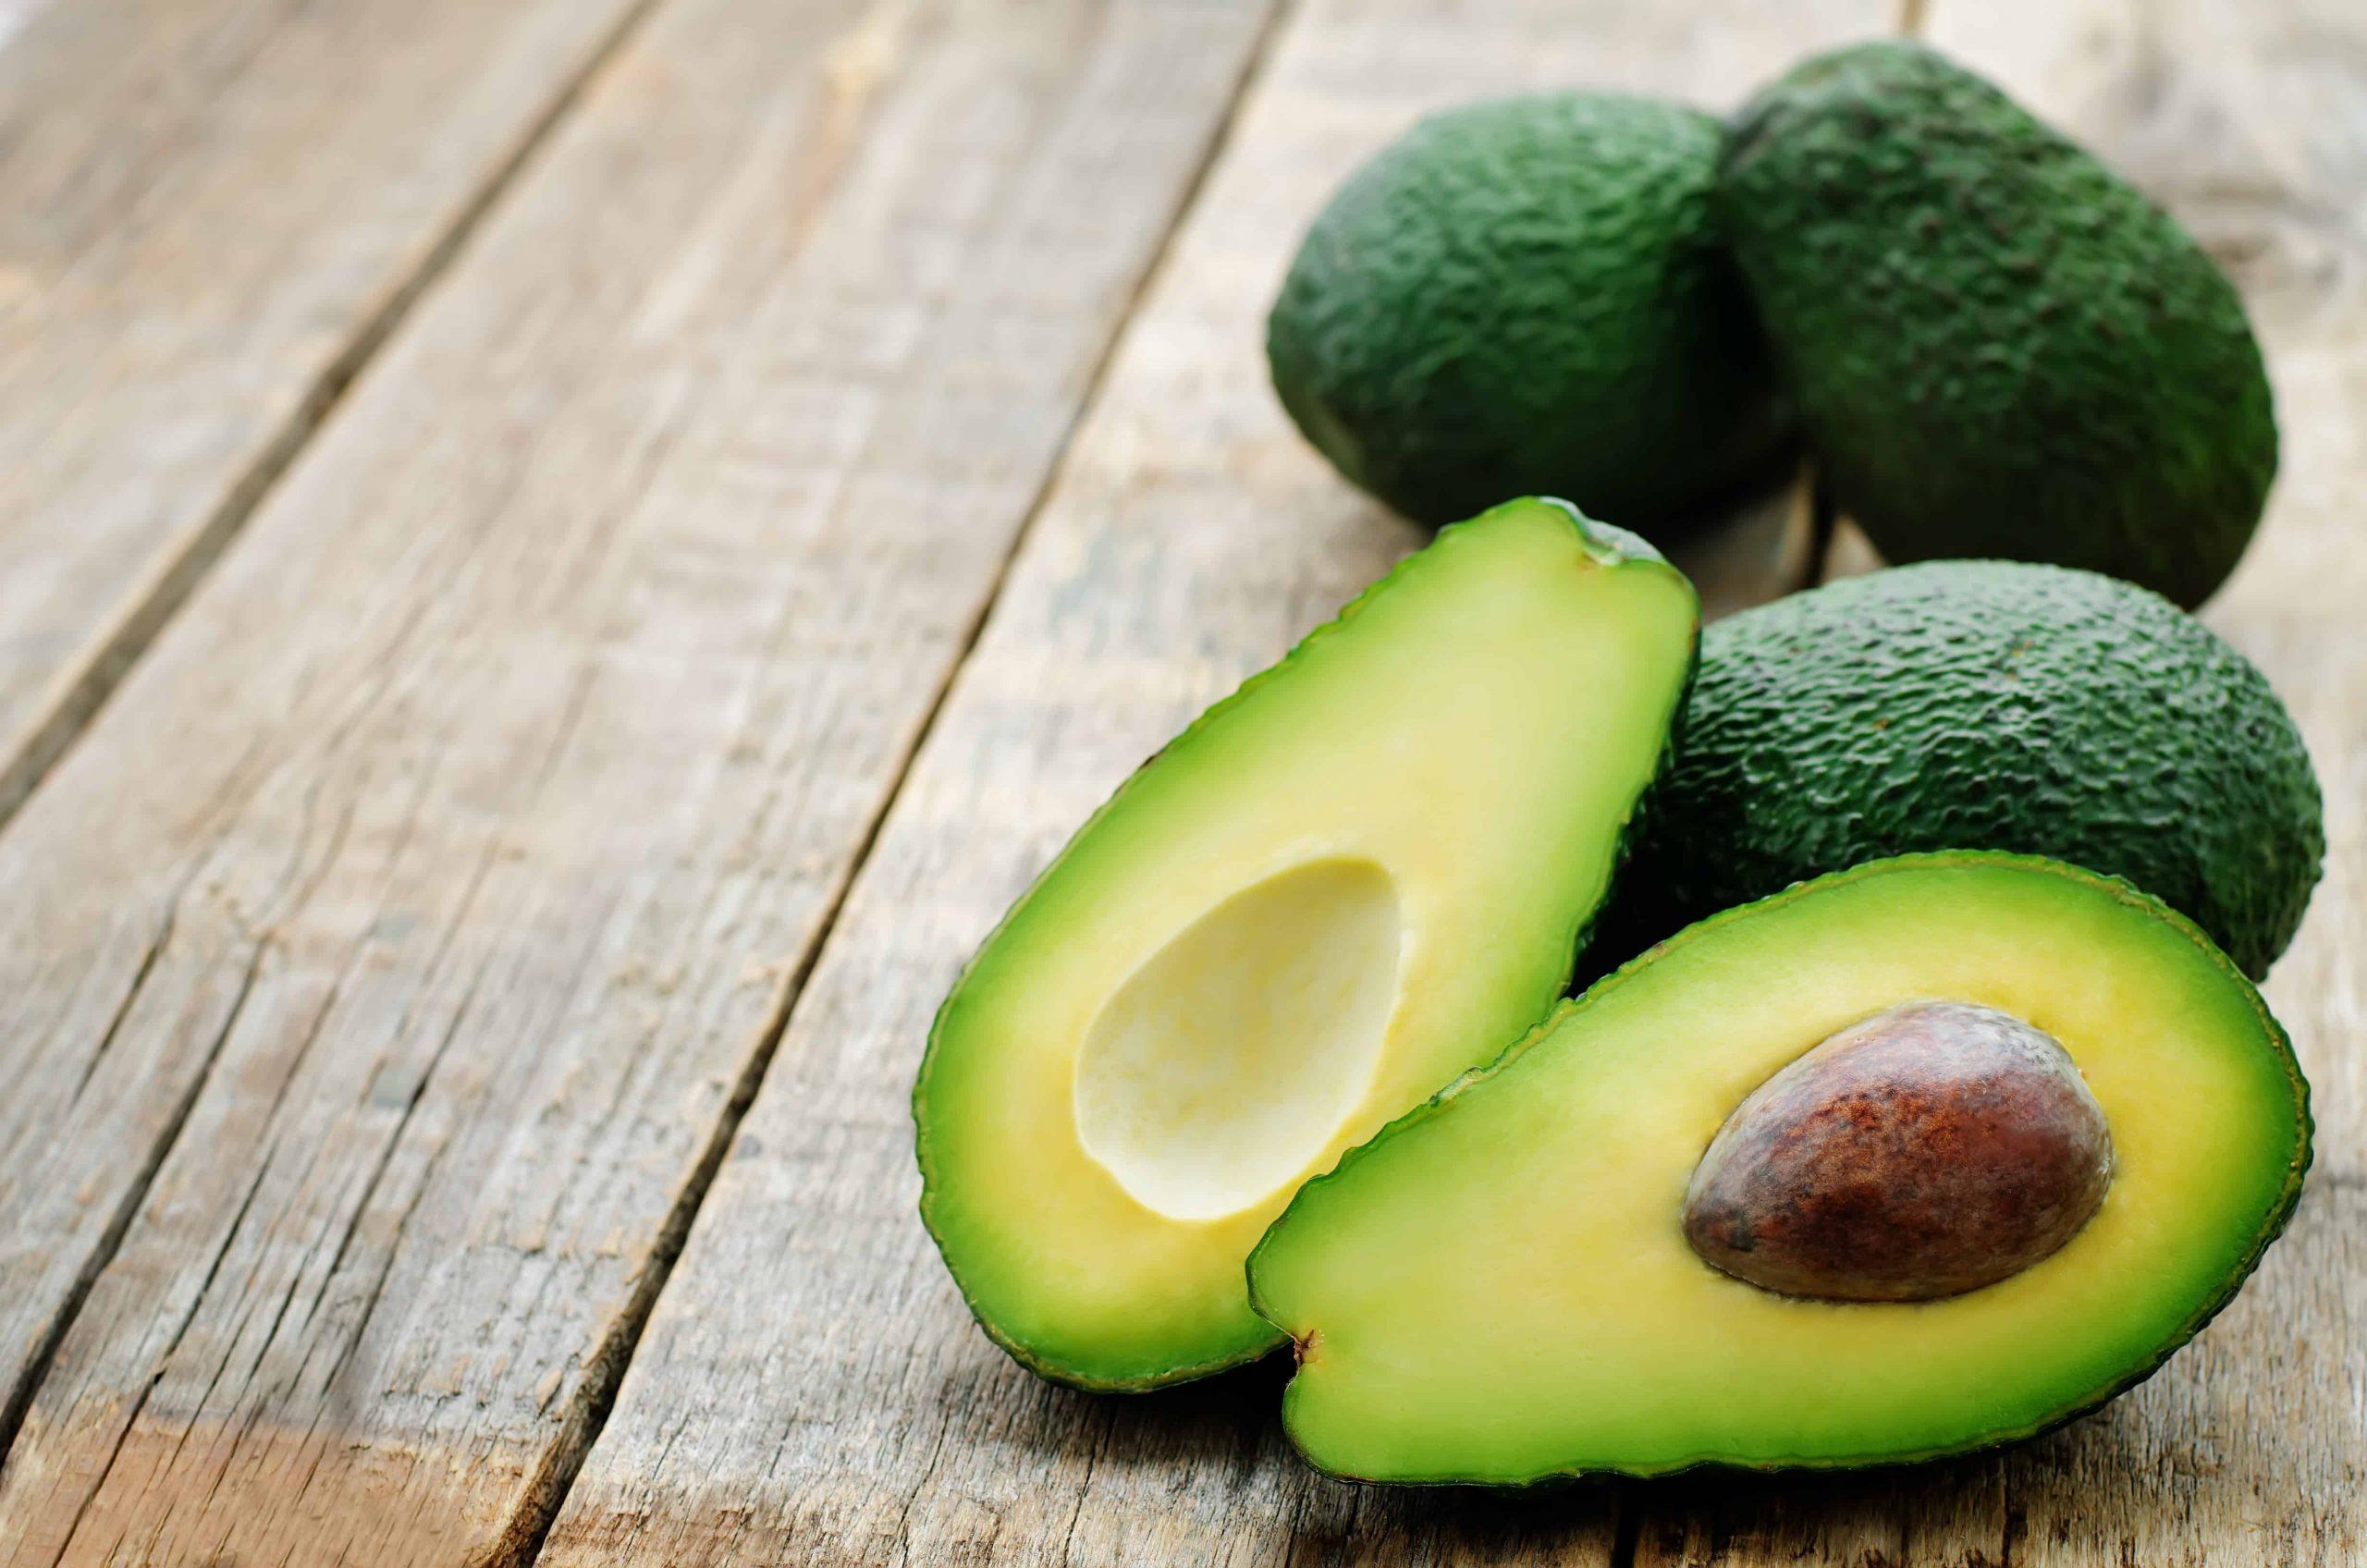 Sind Avocados gesund: Die wichtigsten Fragen und Antworten